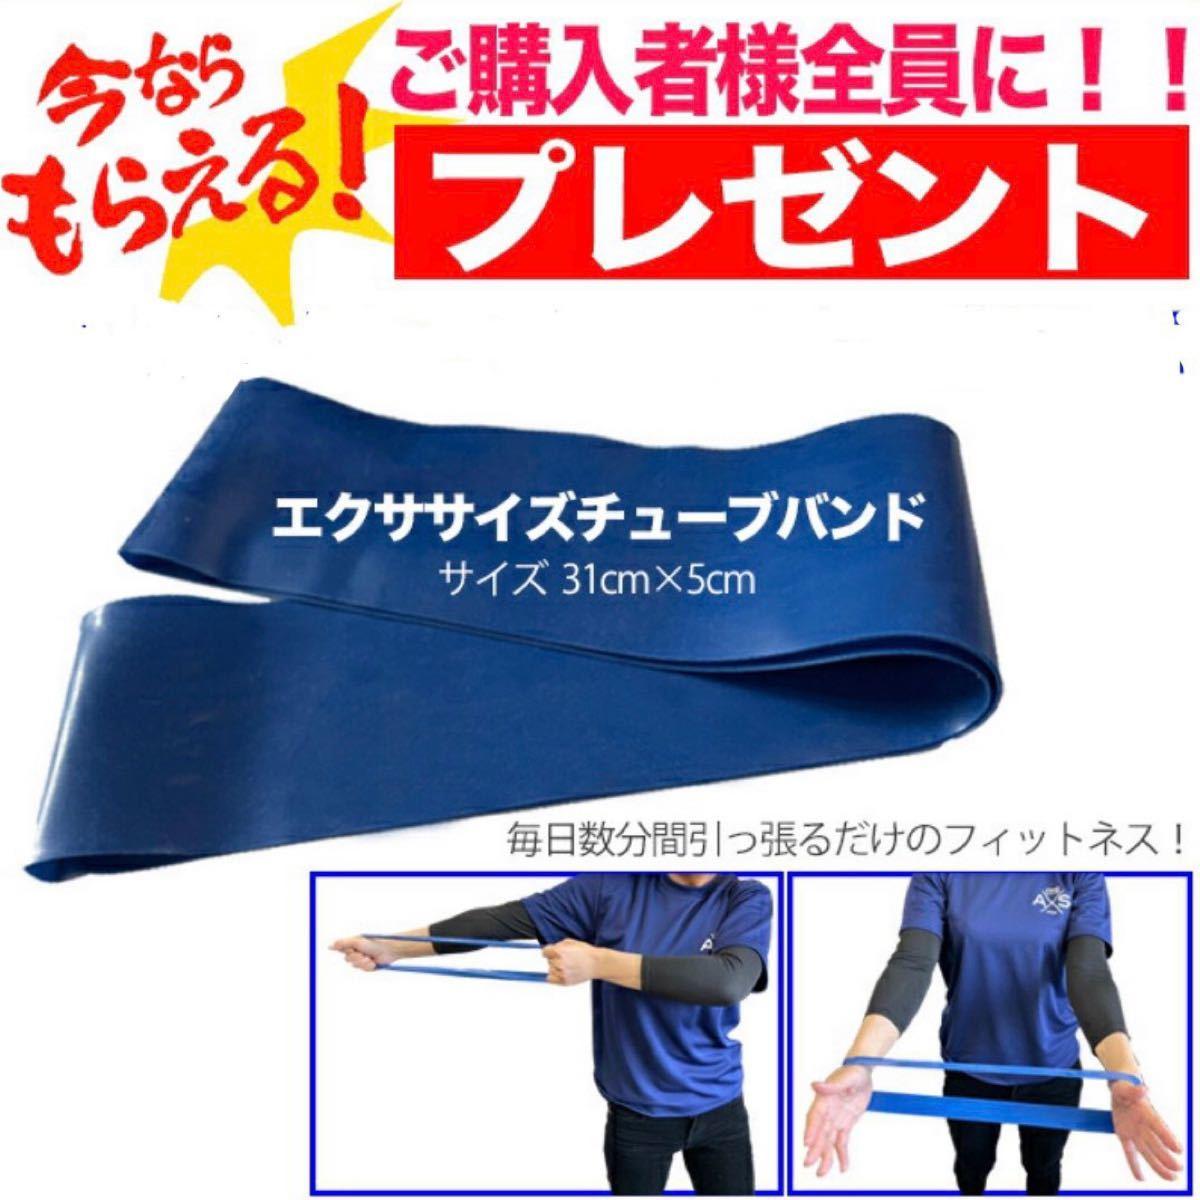 バランスボール プレゼント付き!ブルー65cm ヨガ体幹トレーニング